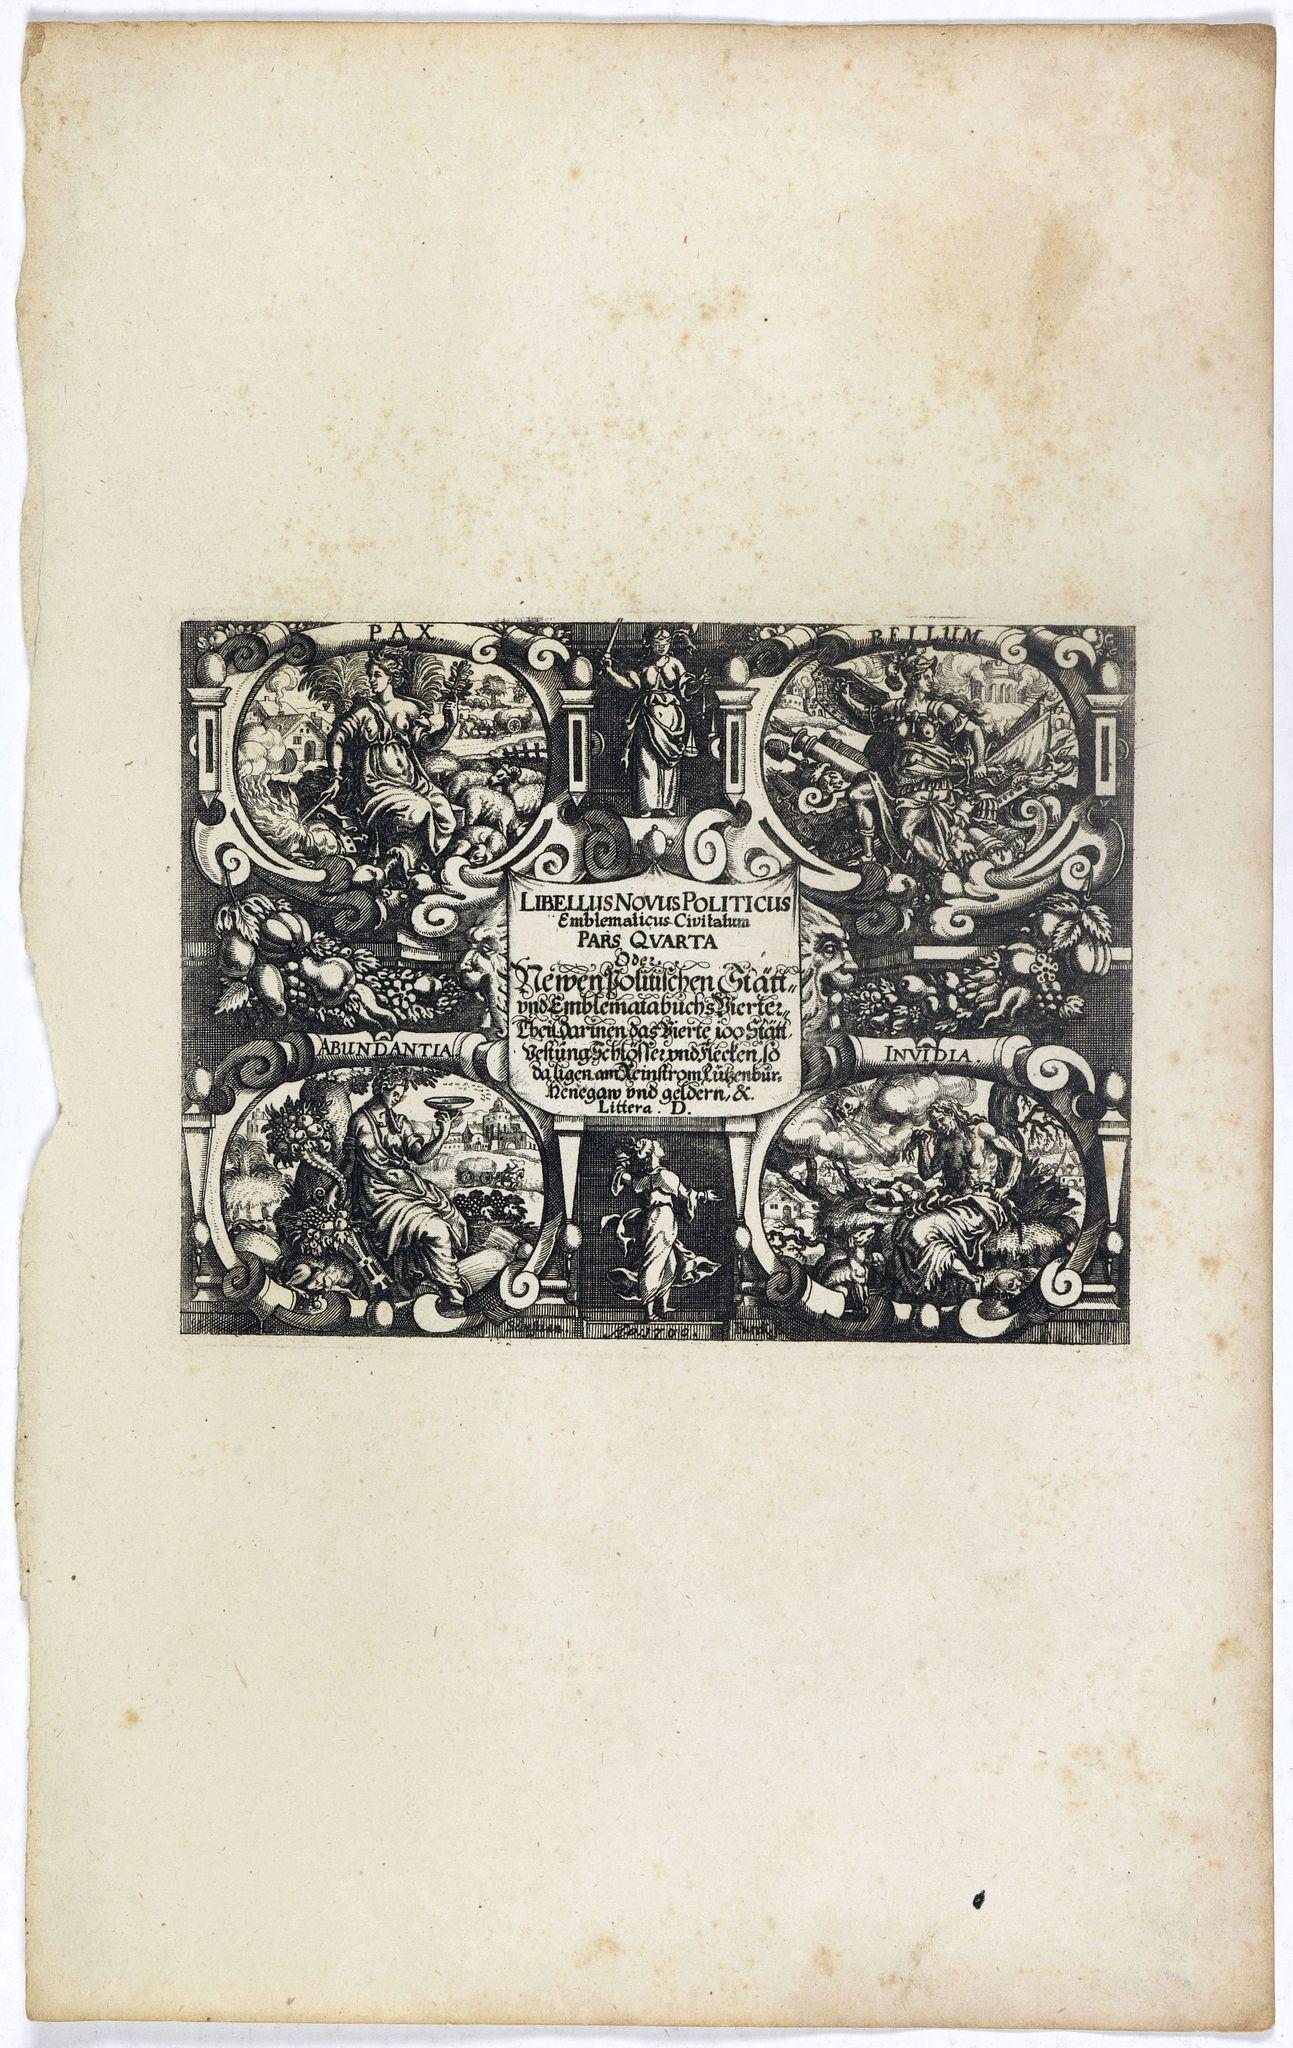 MEISNER, D. -  [Title page] Libellus Novus Politicus.. Pars Quarta.